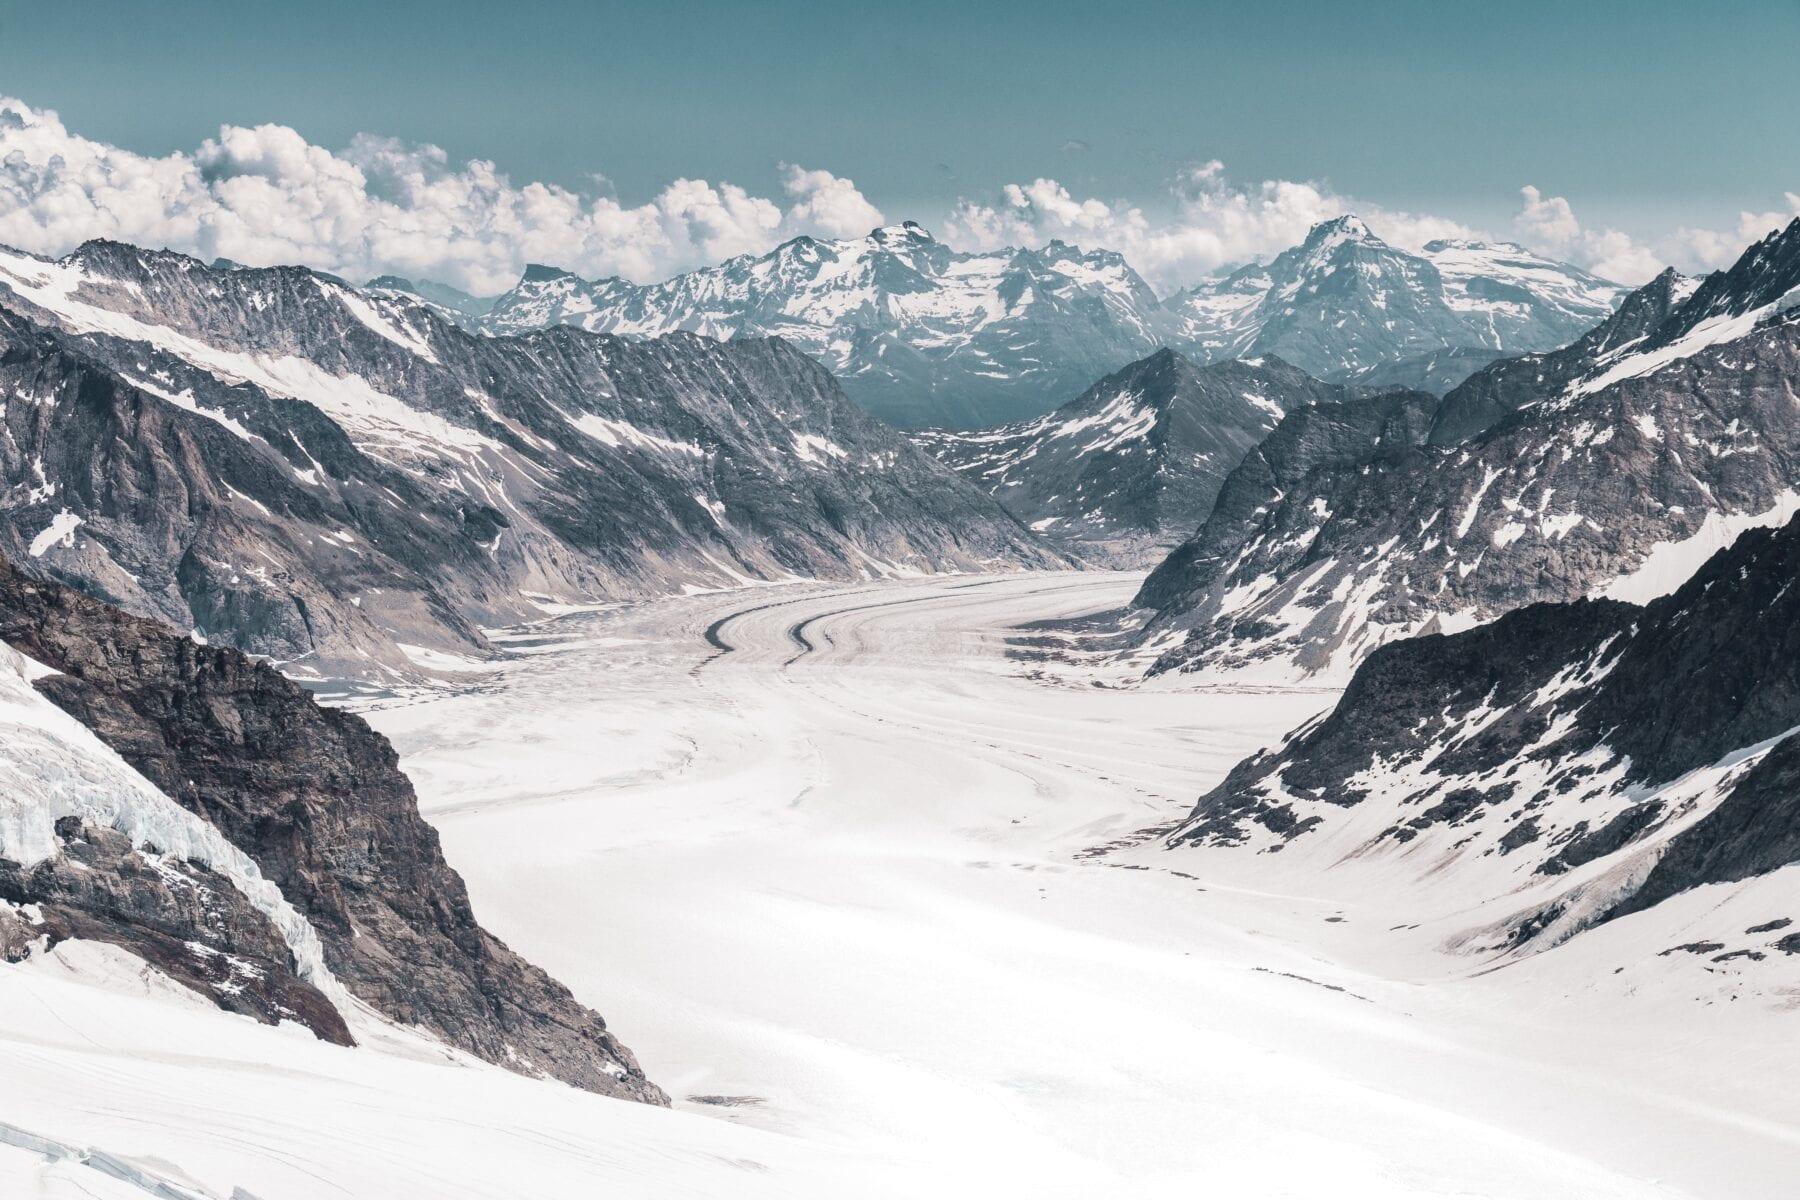 De Aletsch Gletsjer hoort in het rijtje van mooiste gletsjers van Europa